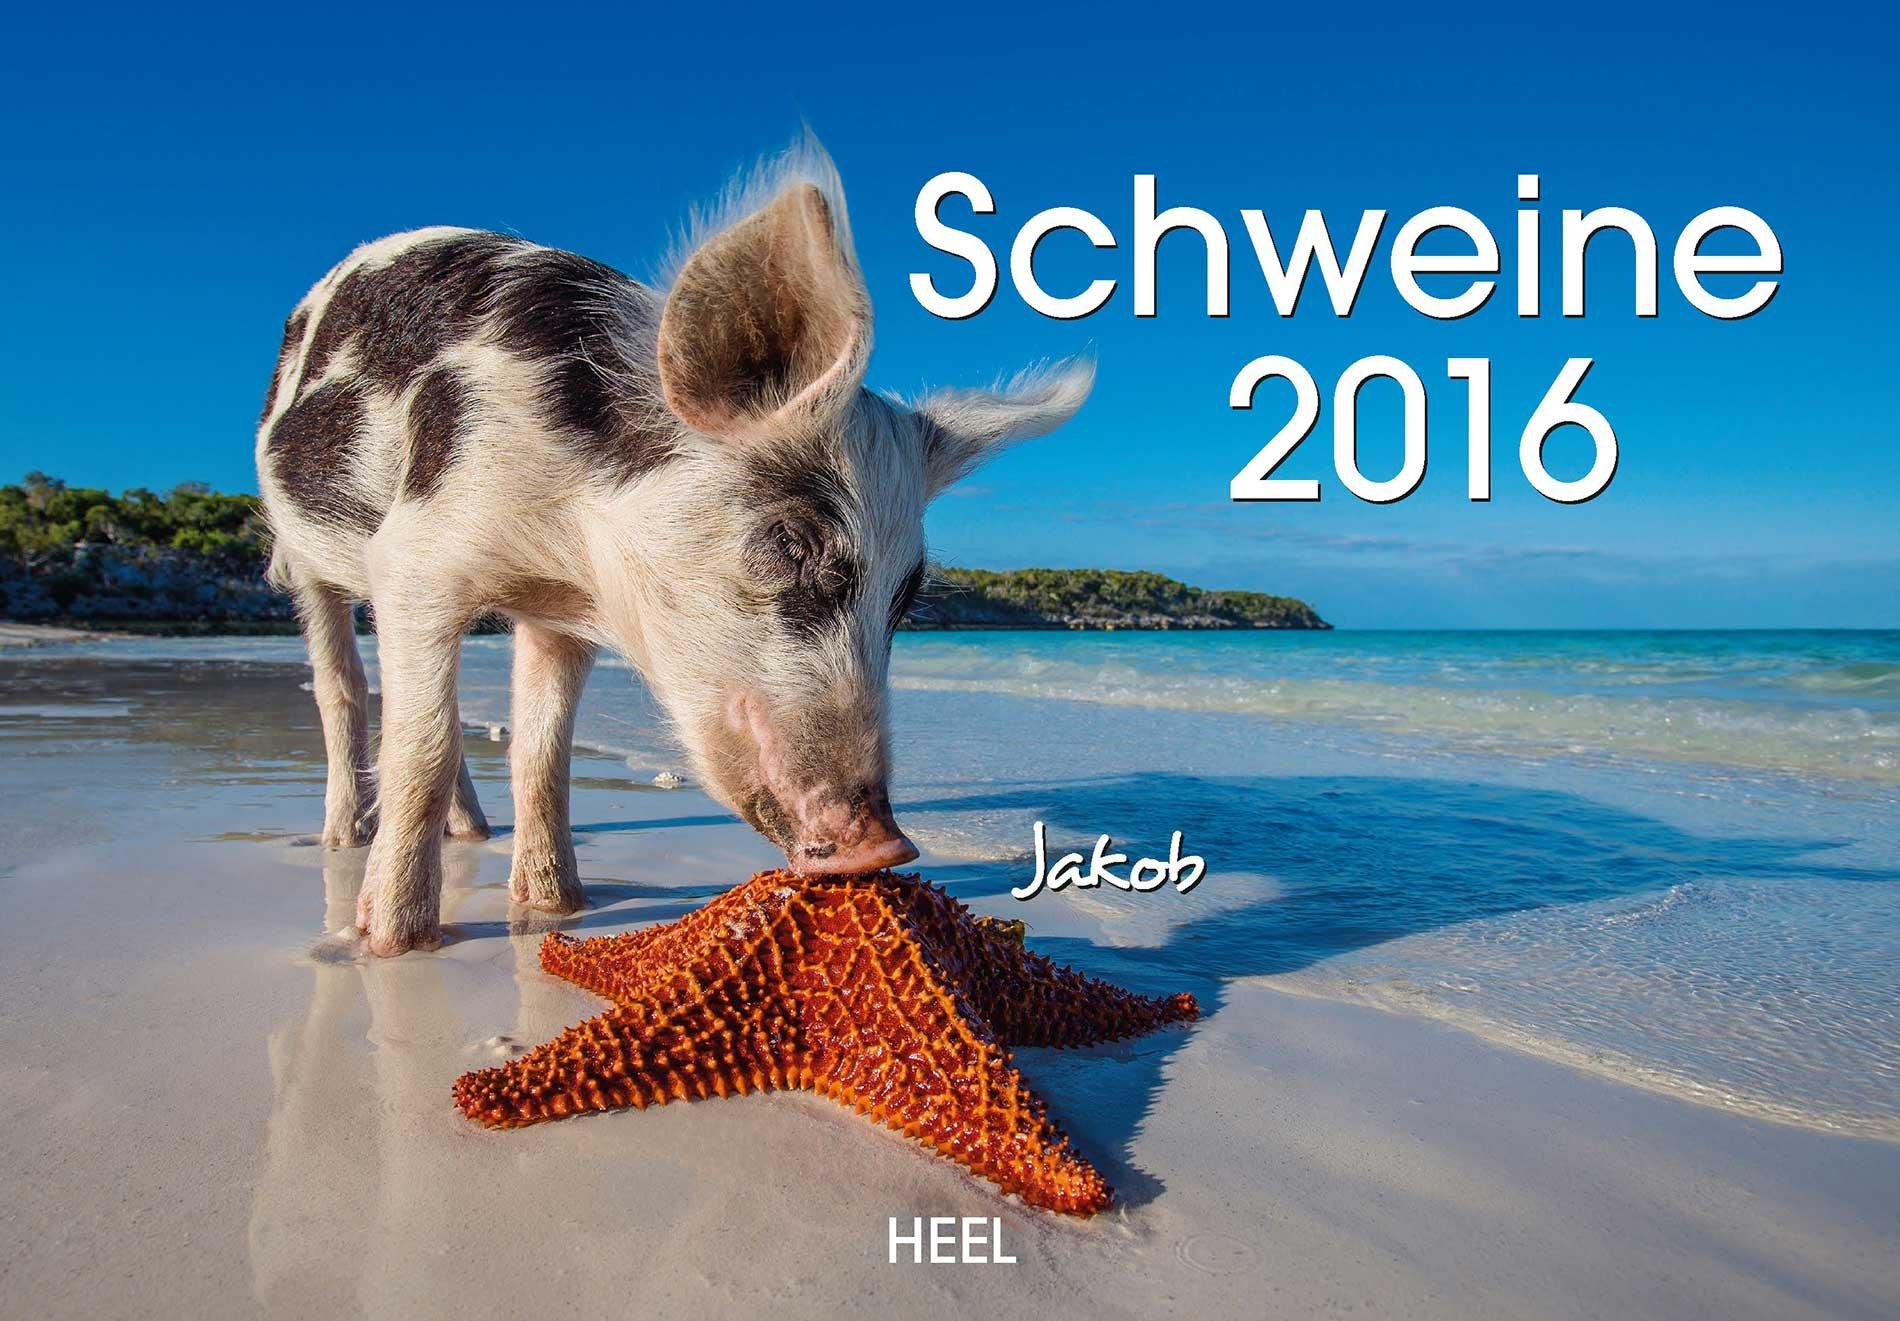 Schweine 2016